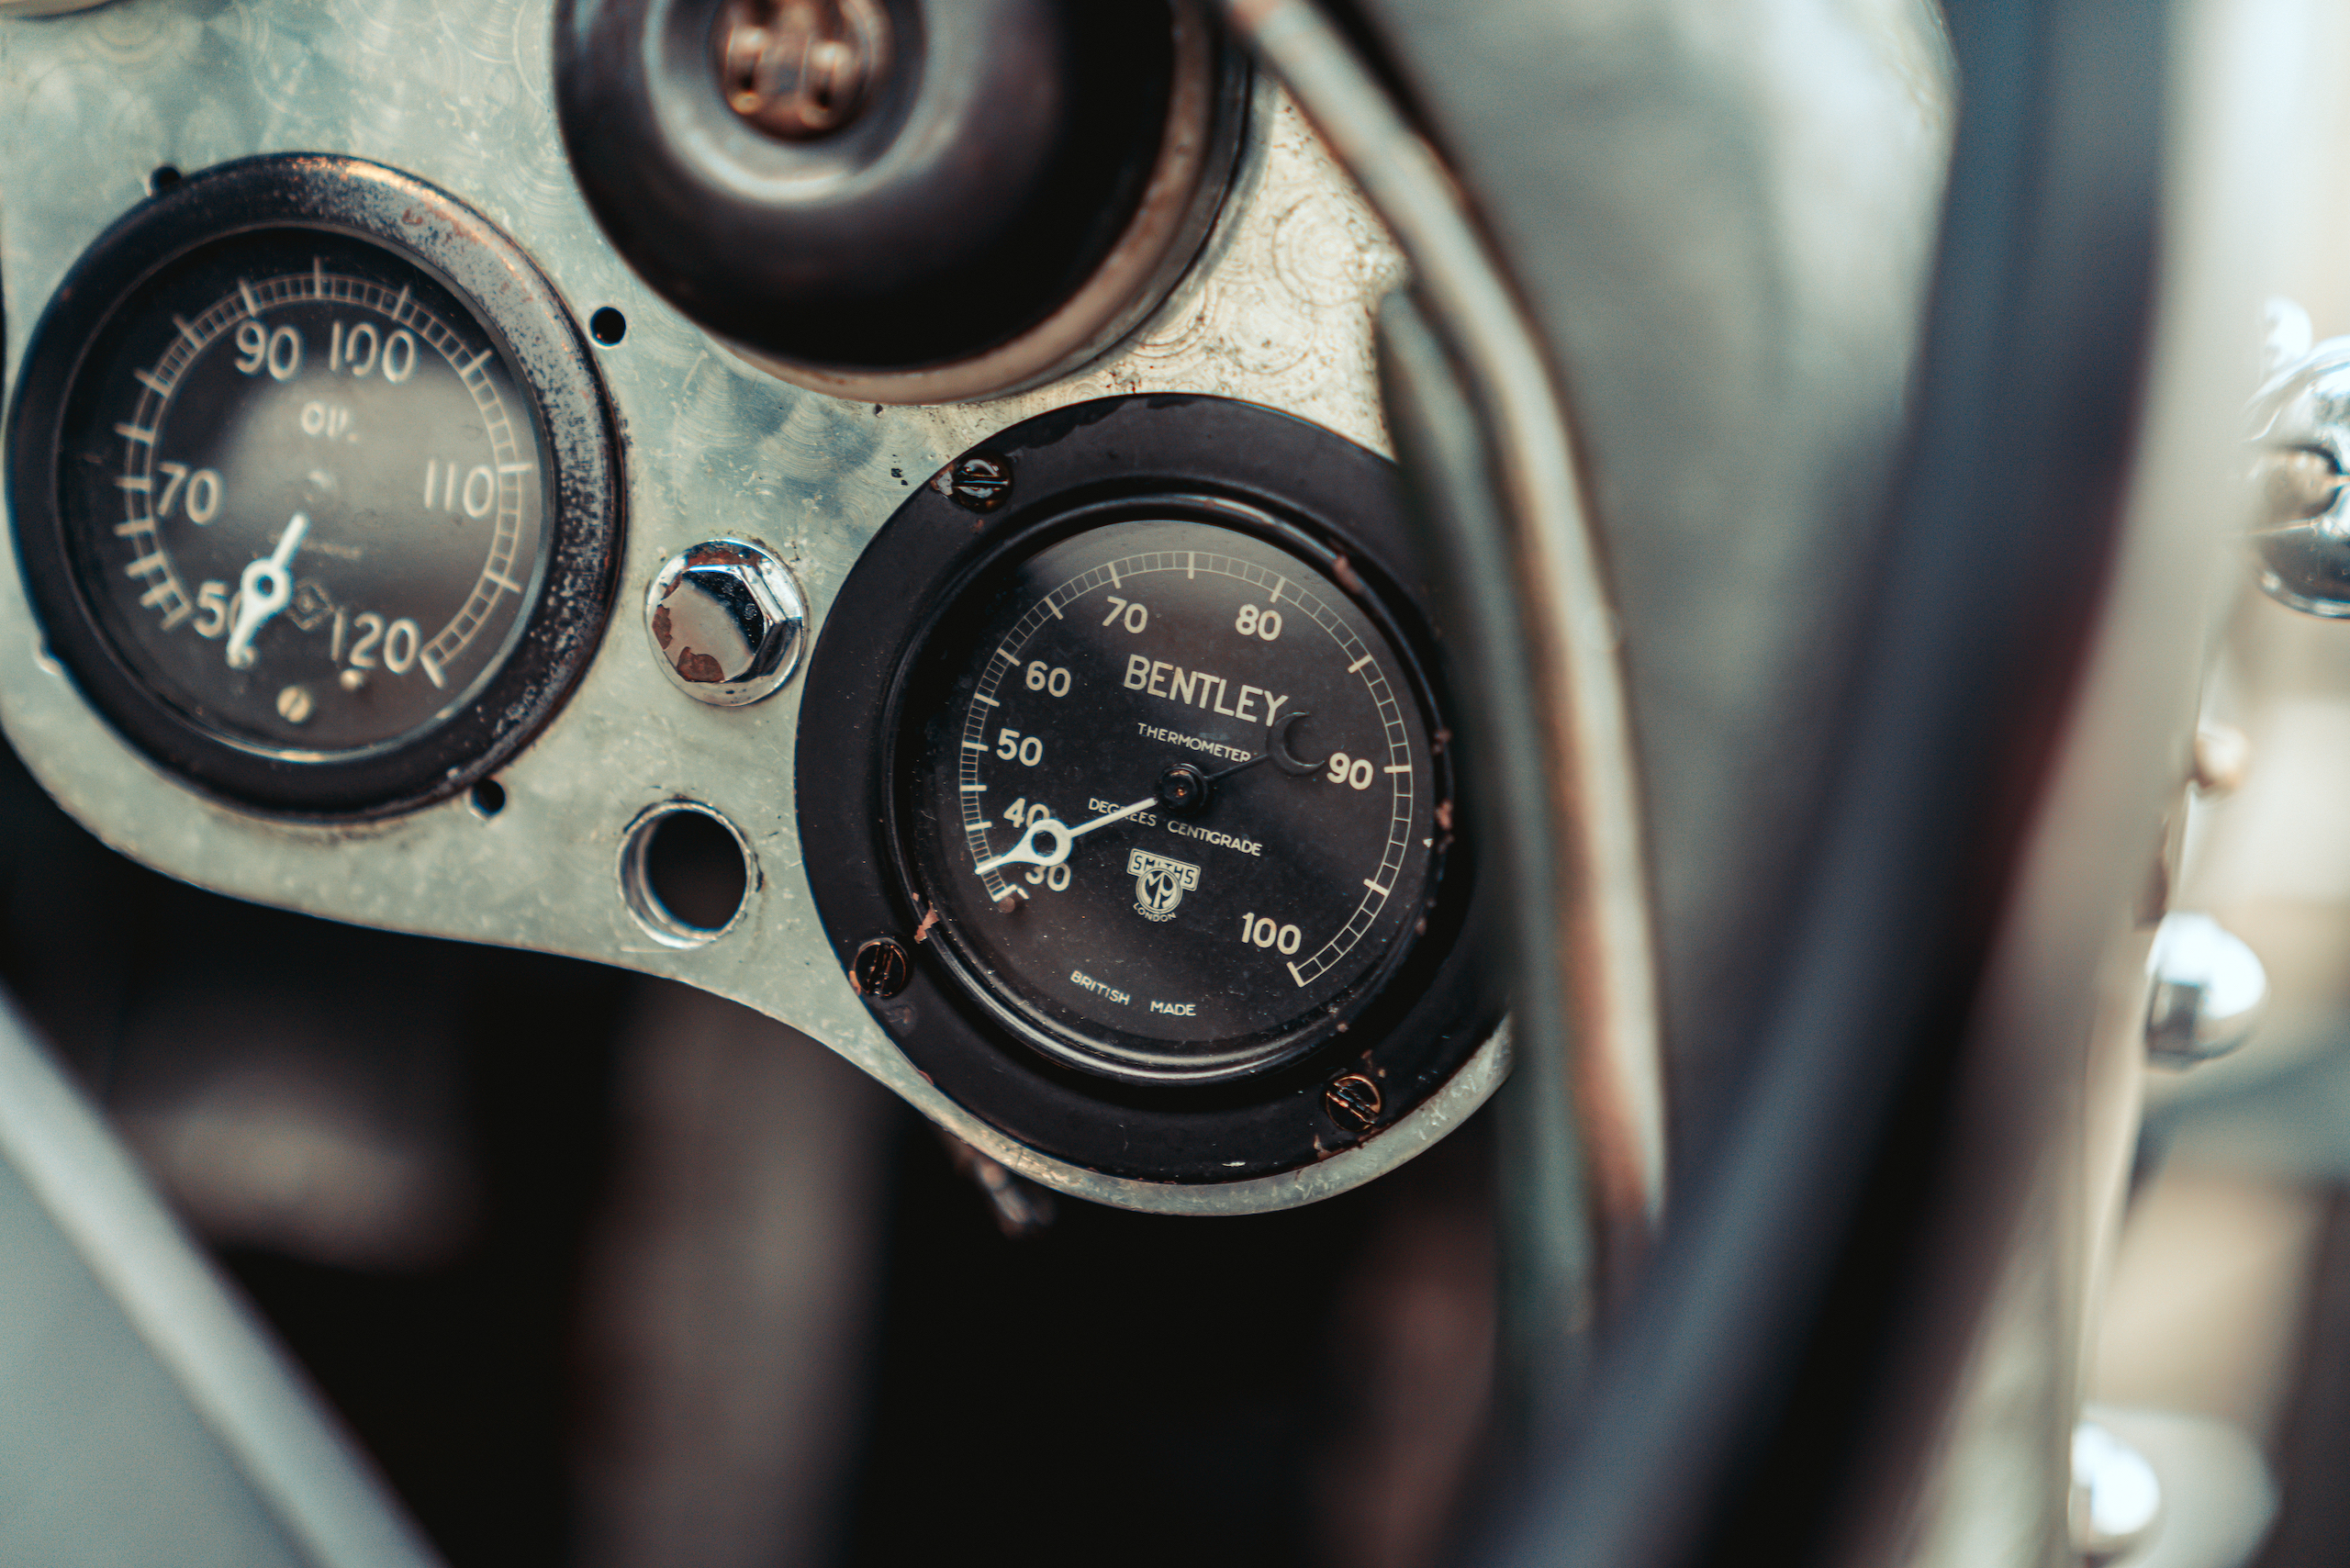 Blower Bentley interior gauges detail